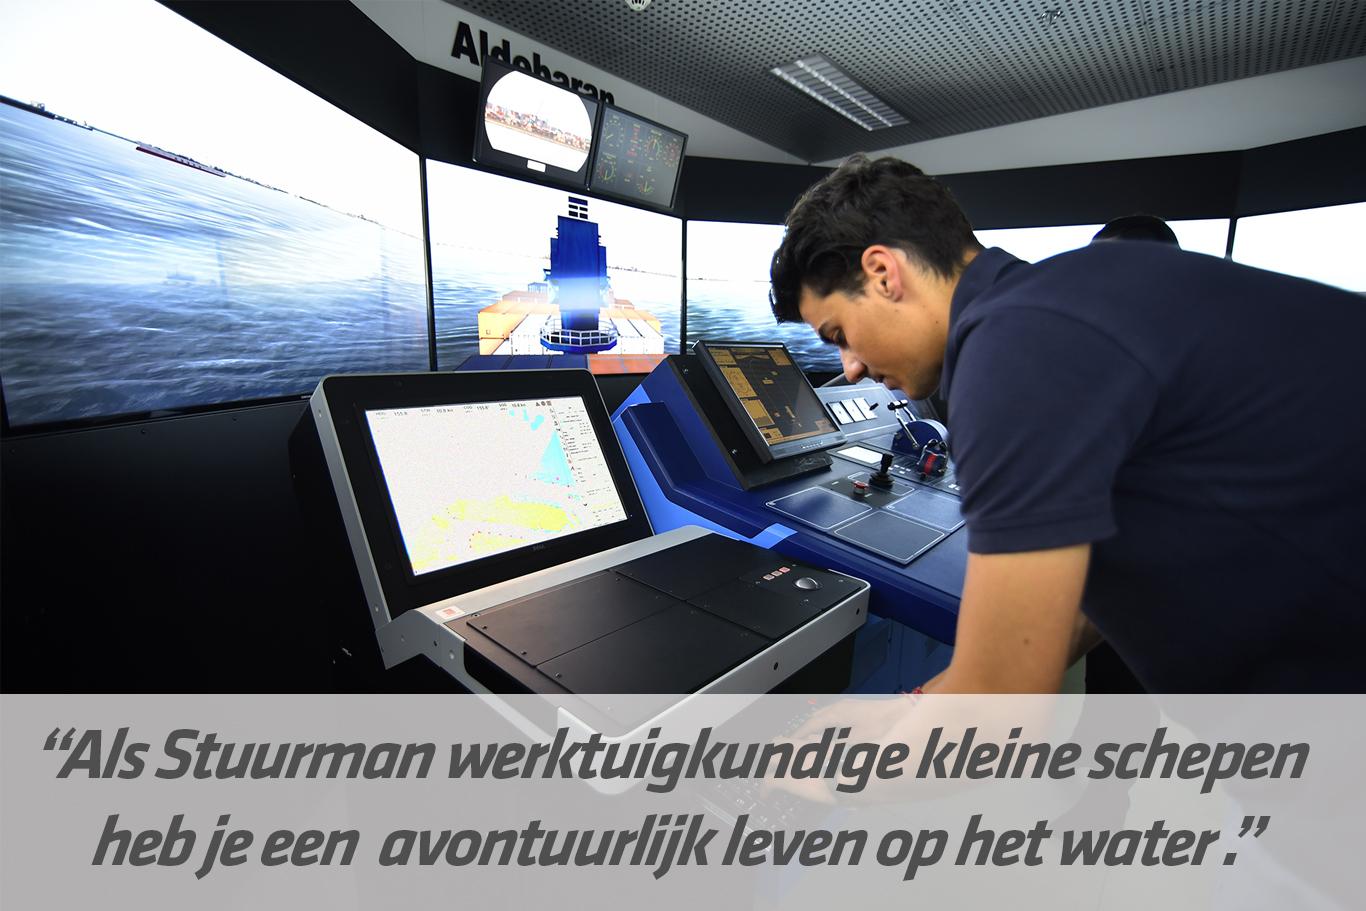 Mbo-opleiding Stuurman werktuigkundige kleine schepen / SWKS | STC mbo college